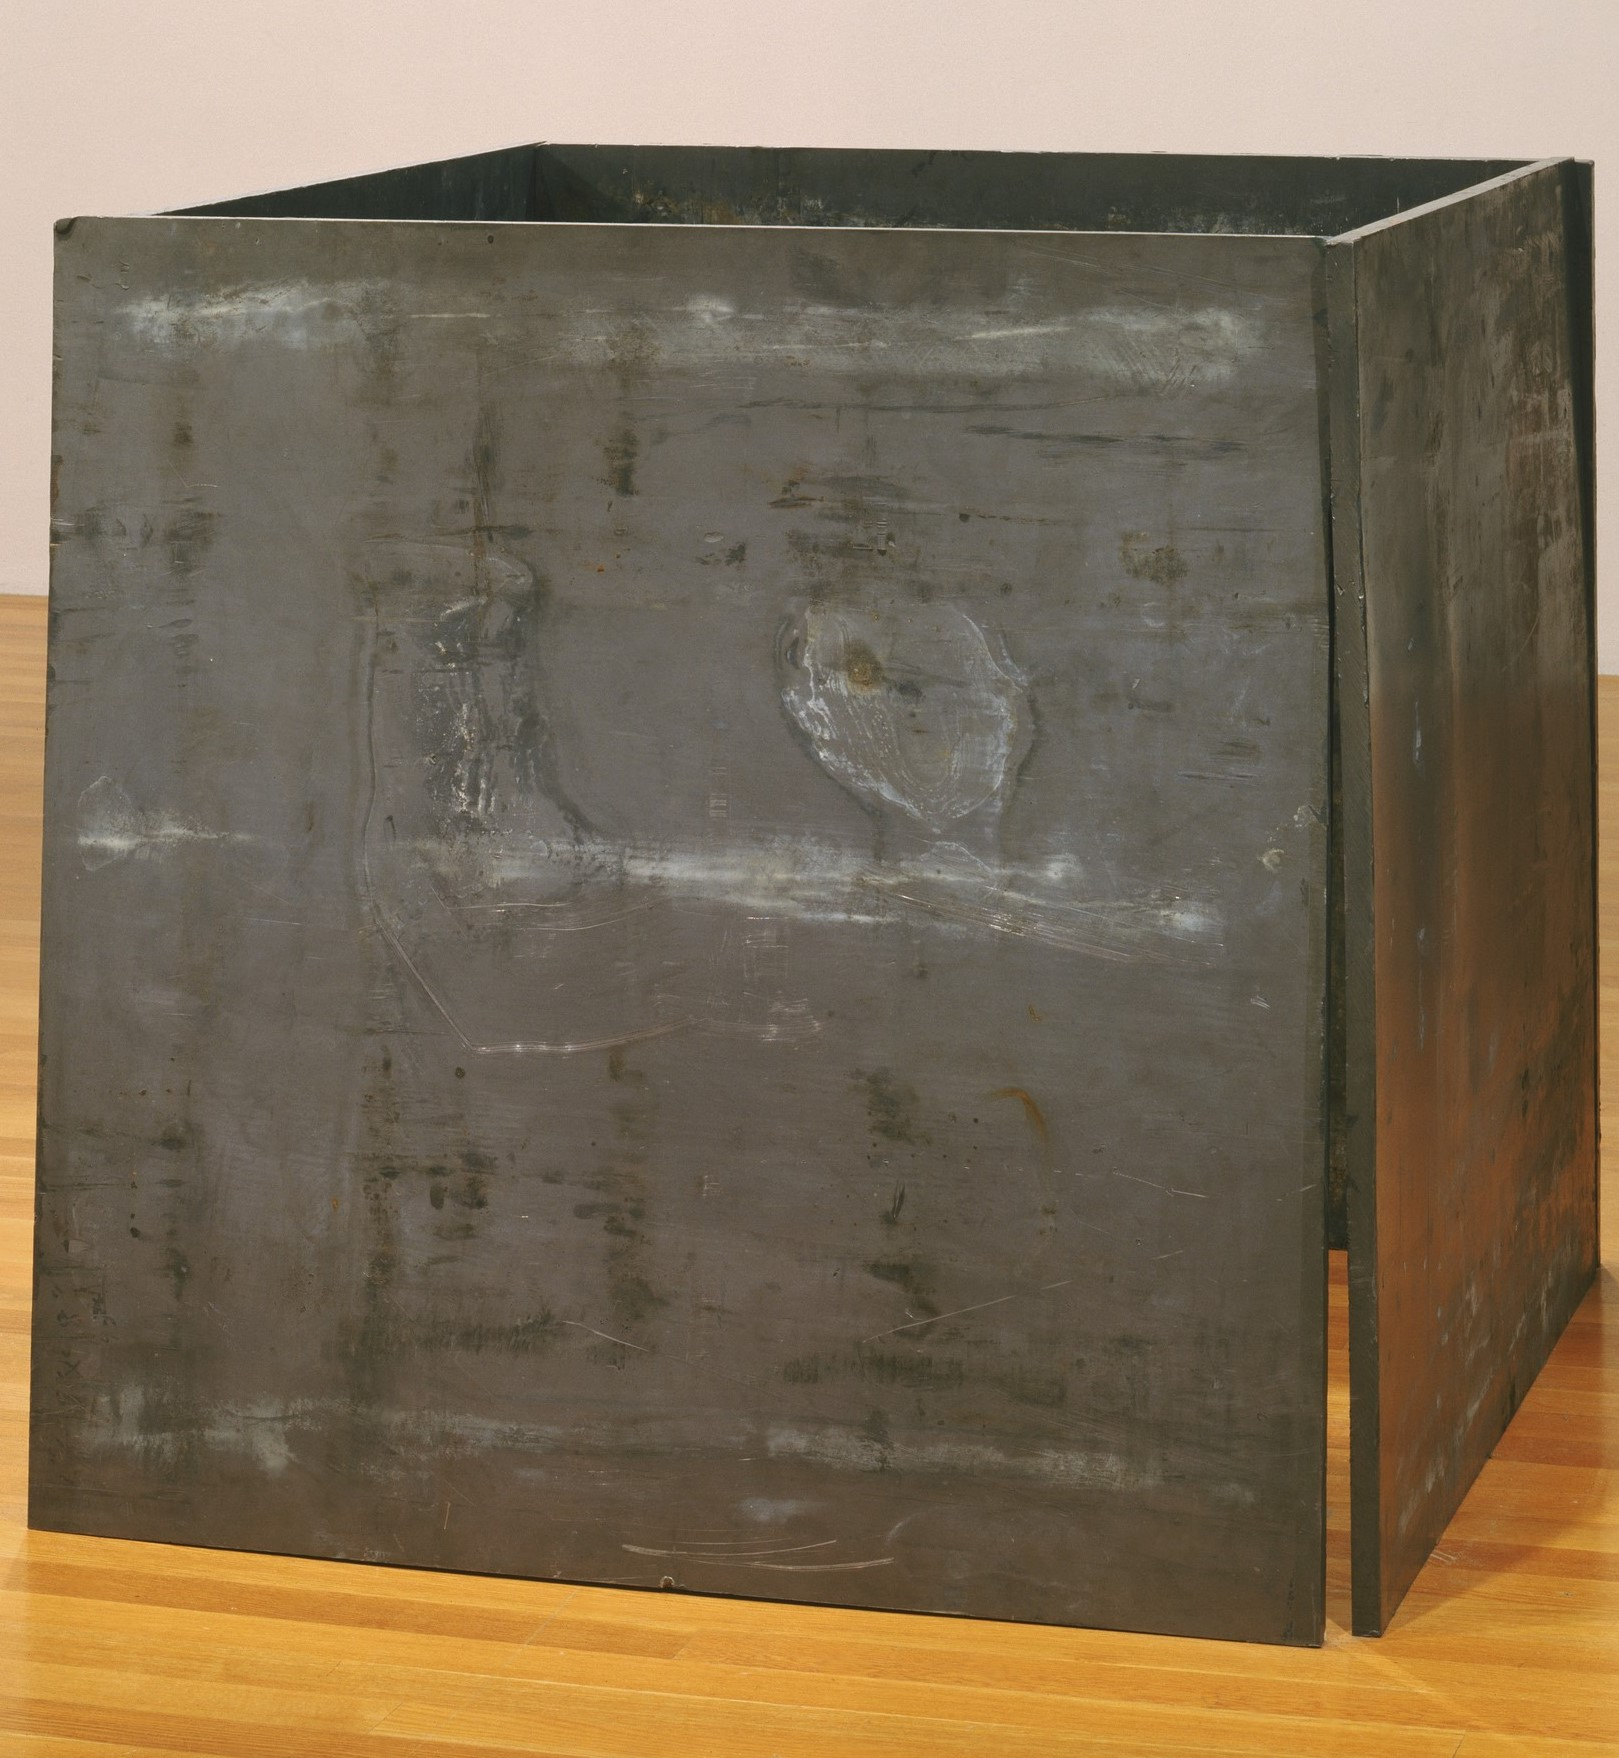 17. One ton prop - house of cards. Una tonelada de apoyo - casa de cartas. 1969. Colección MoMa